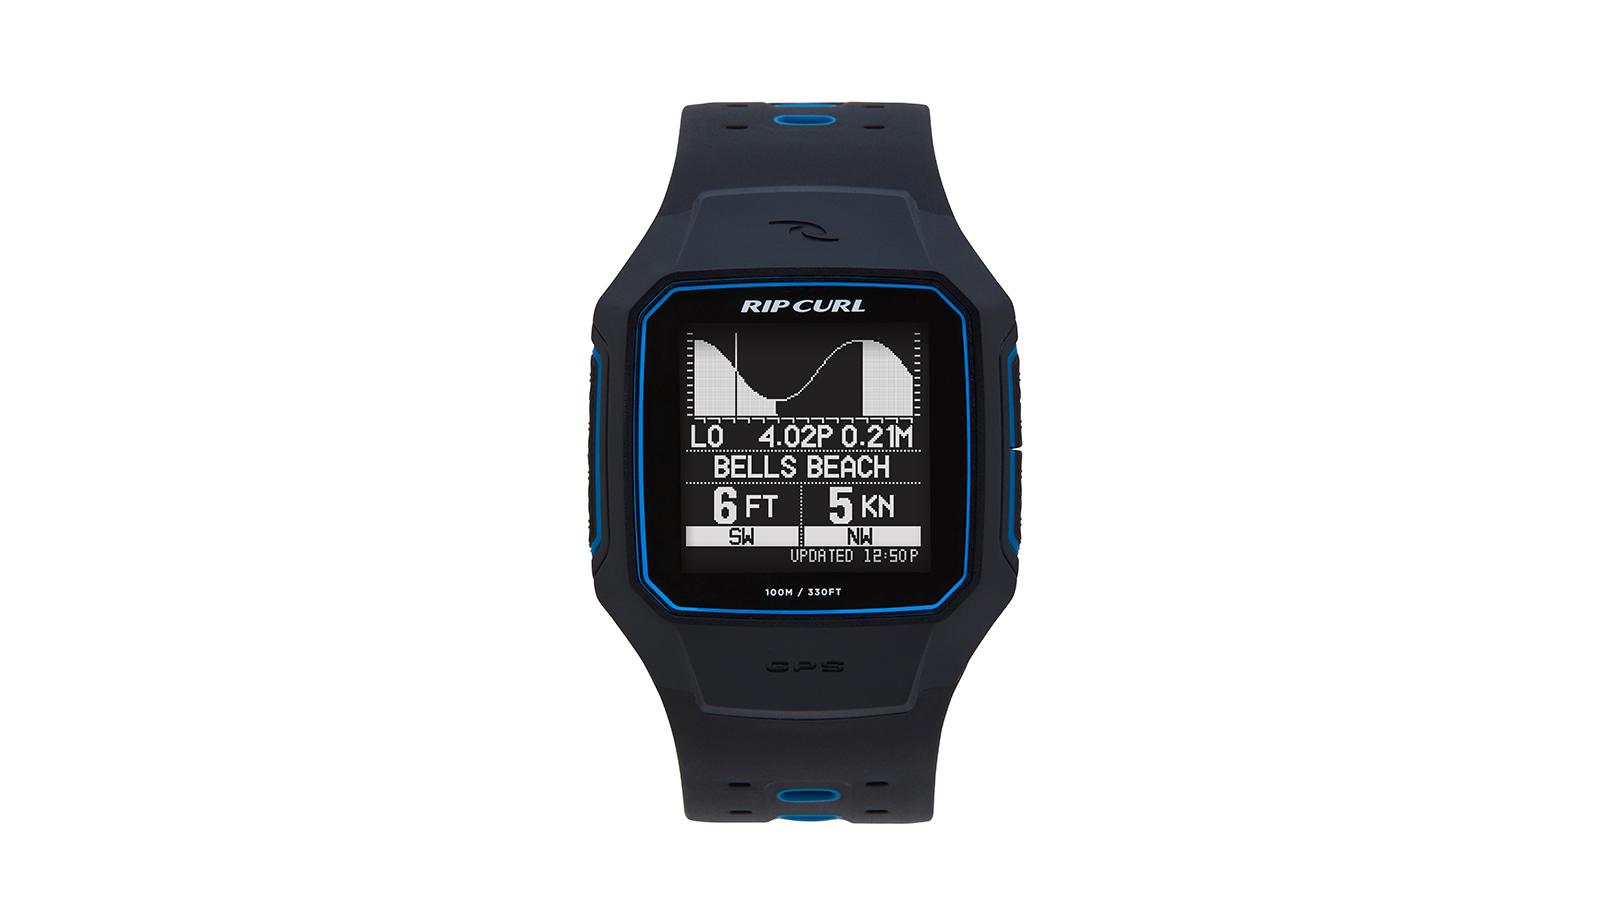 RIPCURL-SEARCH-GPS-2